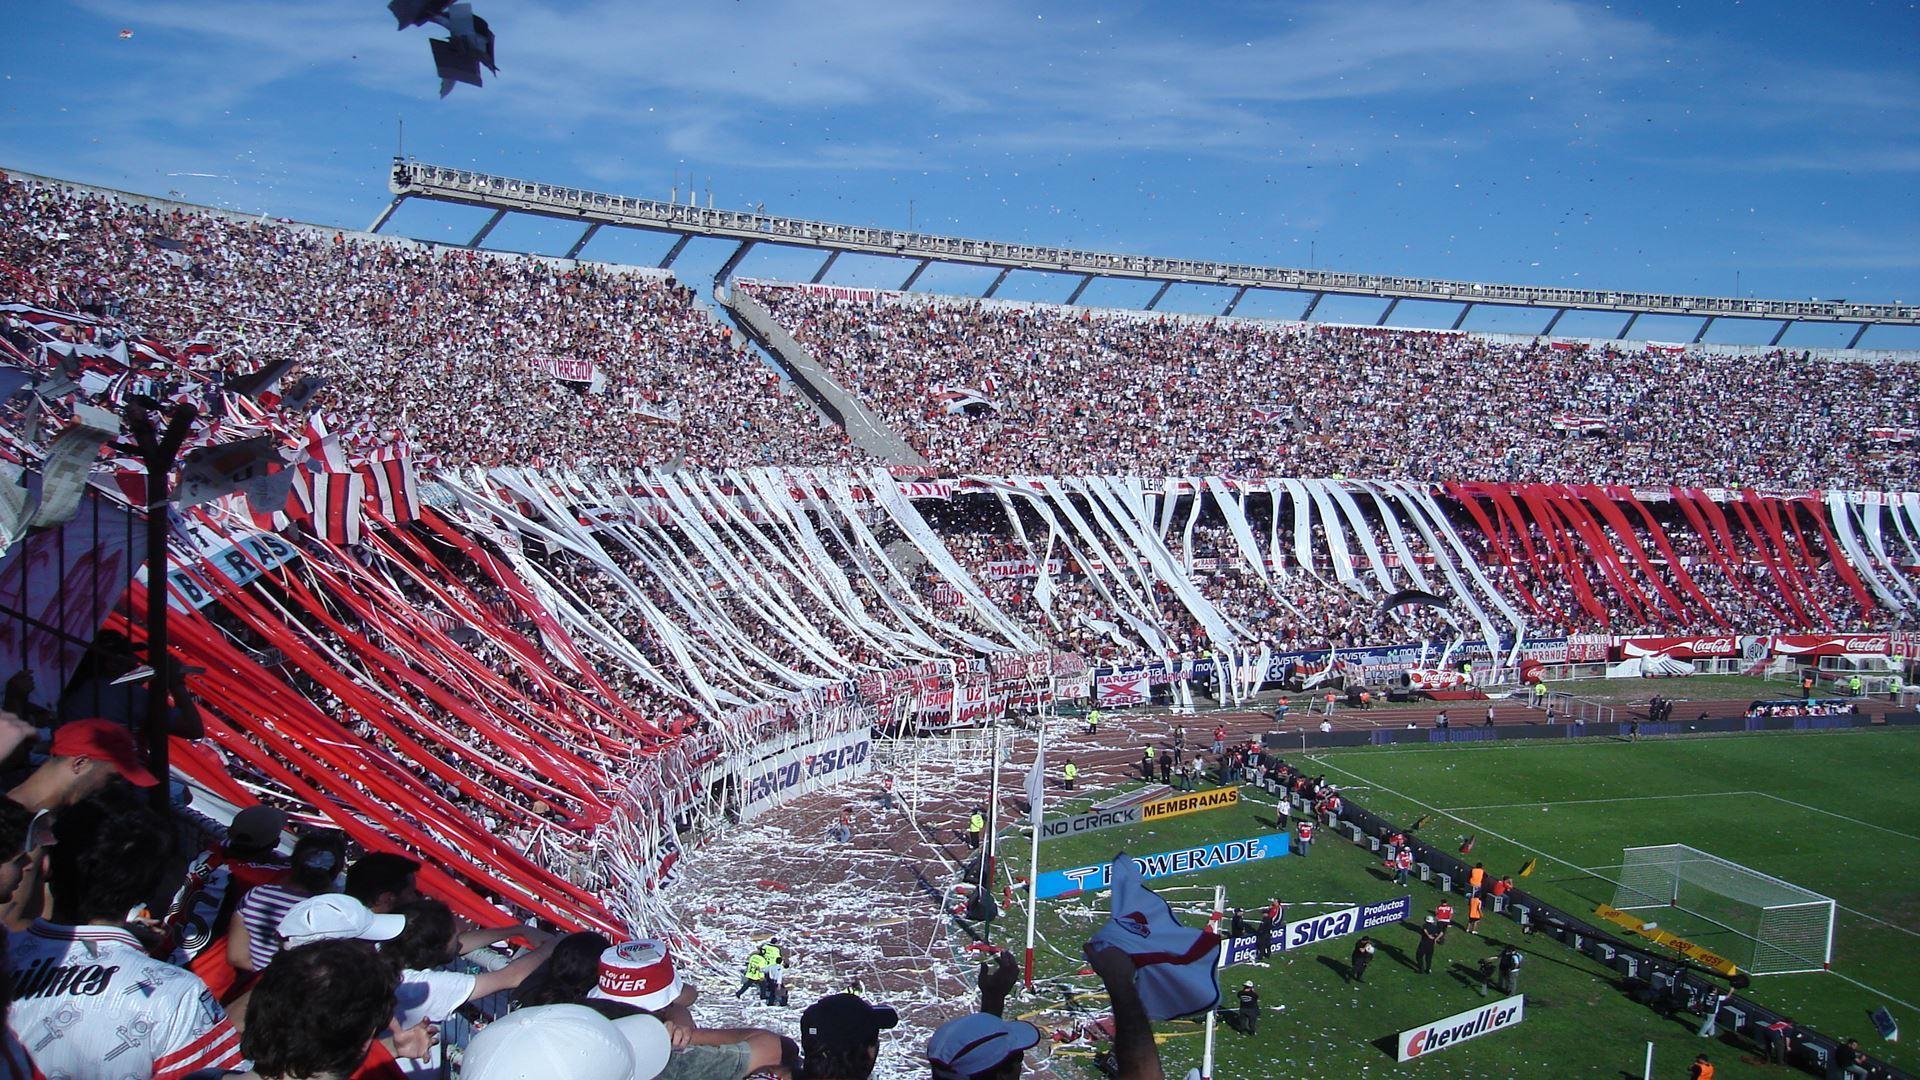 Mi experiencia viendo fútbol argentino